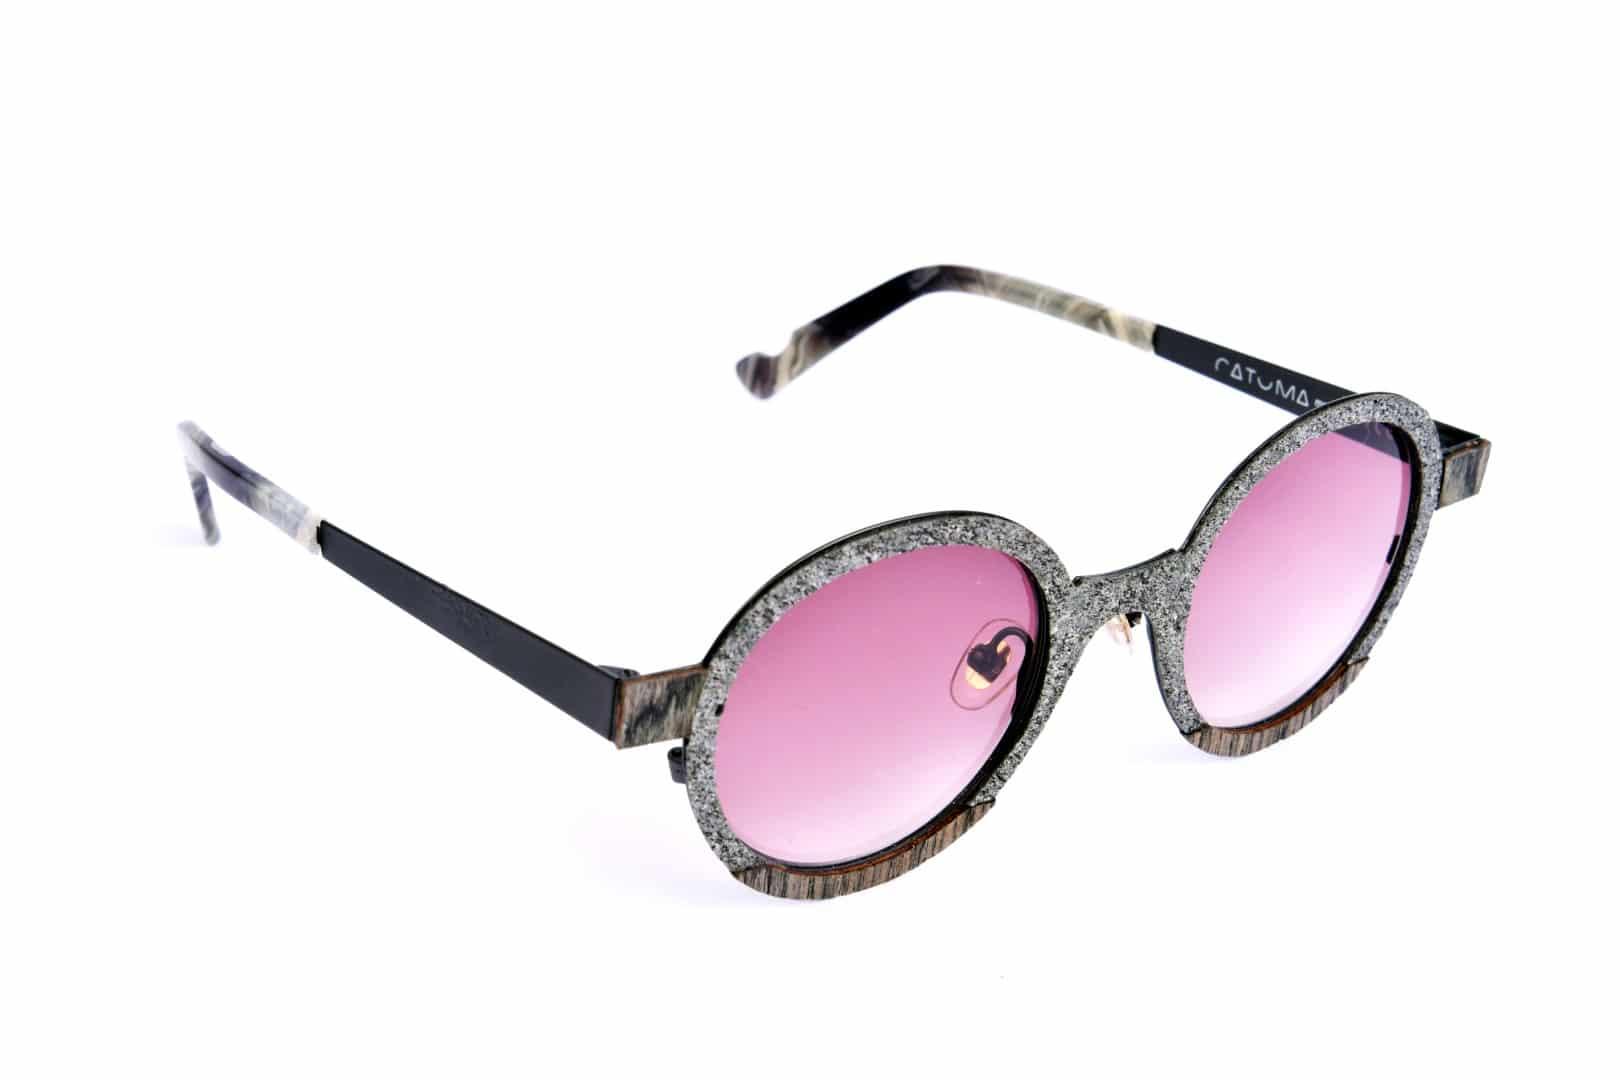 משקפישמש מעוצבות - אופטיקה יפעת, אופטומטריסטית מוסמכת